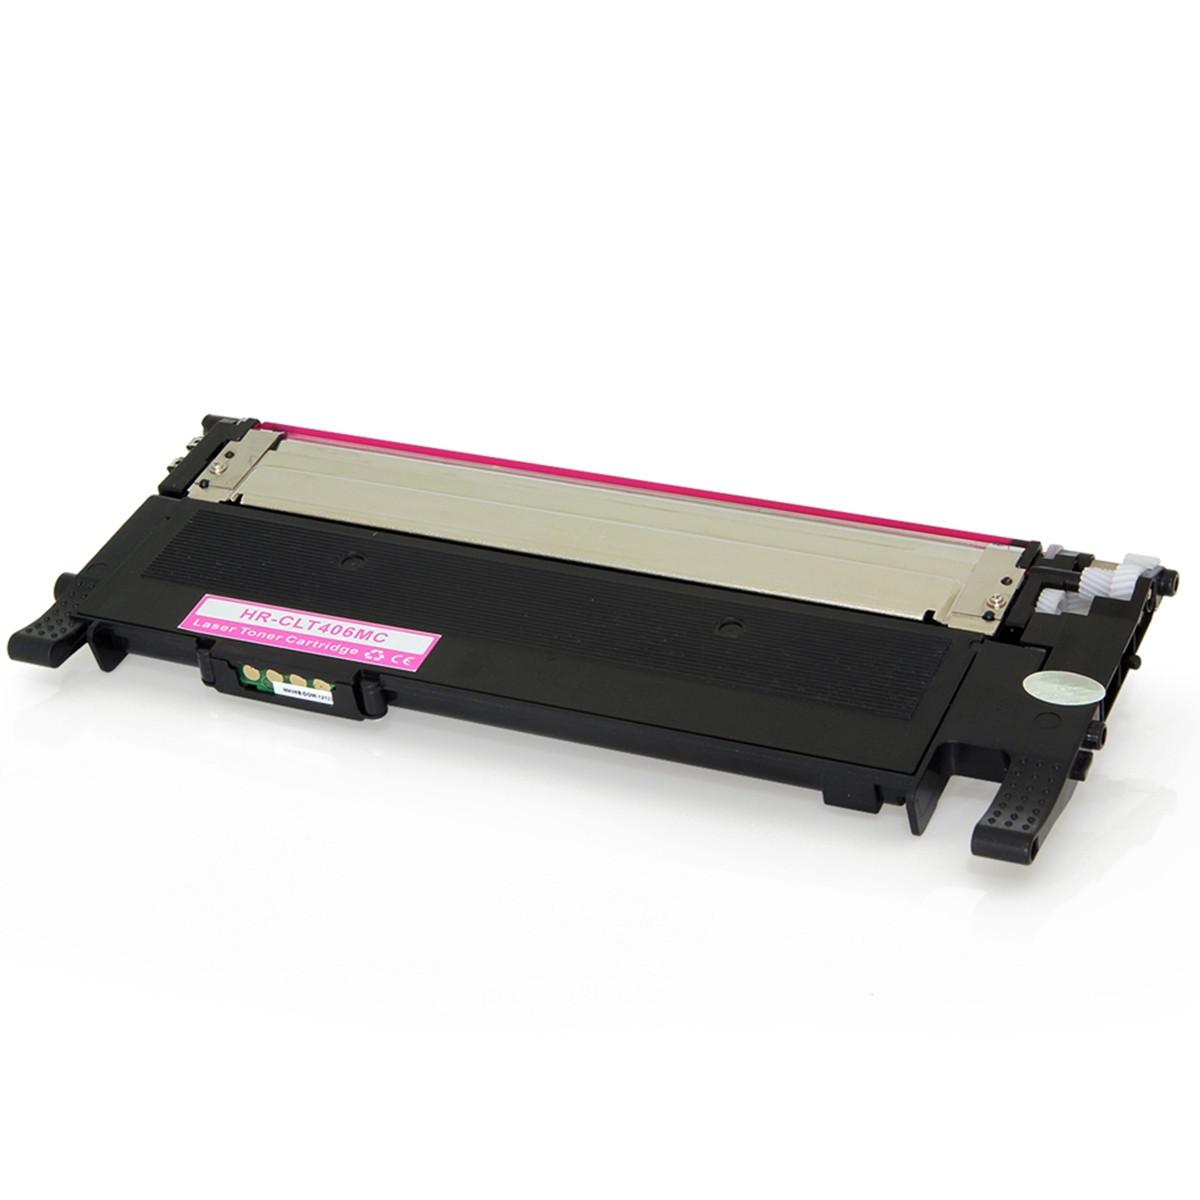 Toner Compatível com Samsung CLT-M406S Magenta | CLP365W CLP365 CLP360 C460FW | Importado 1k